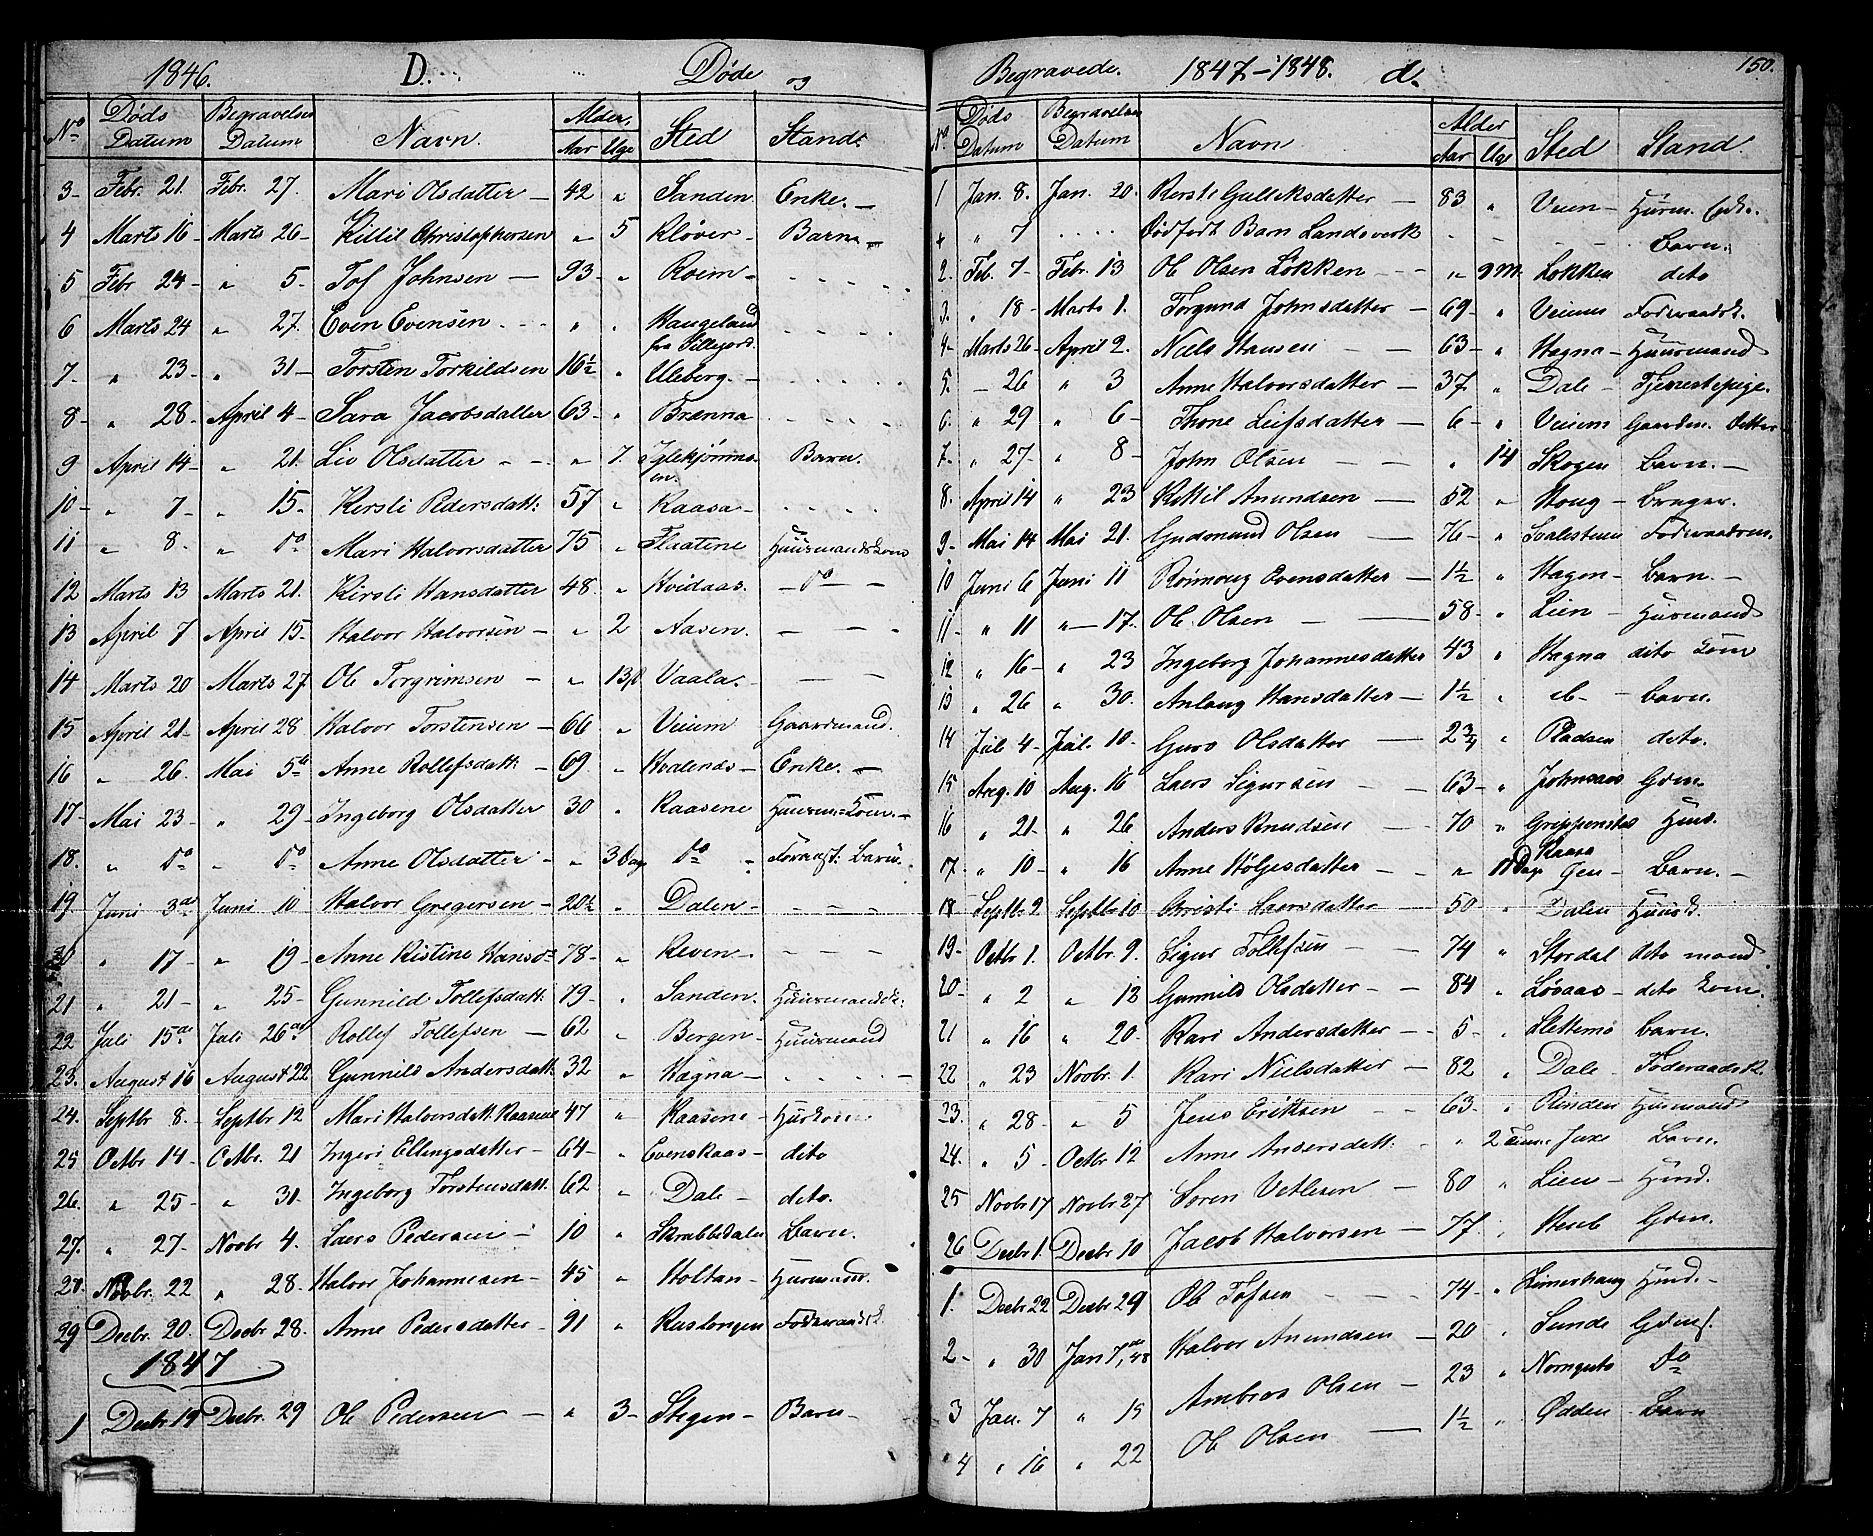 SAKO, Sauherad kirkebøker, G/Ga/L0002: Klokkerbok nr. I 2, 1842-1866, s. 150